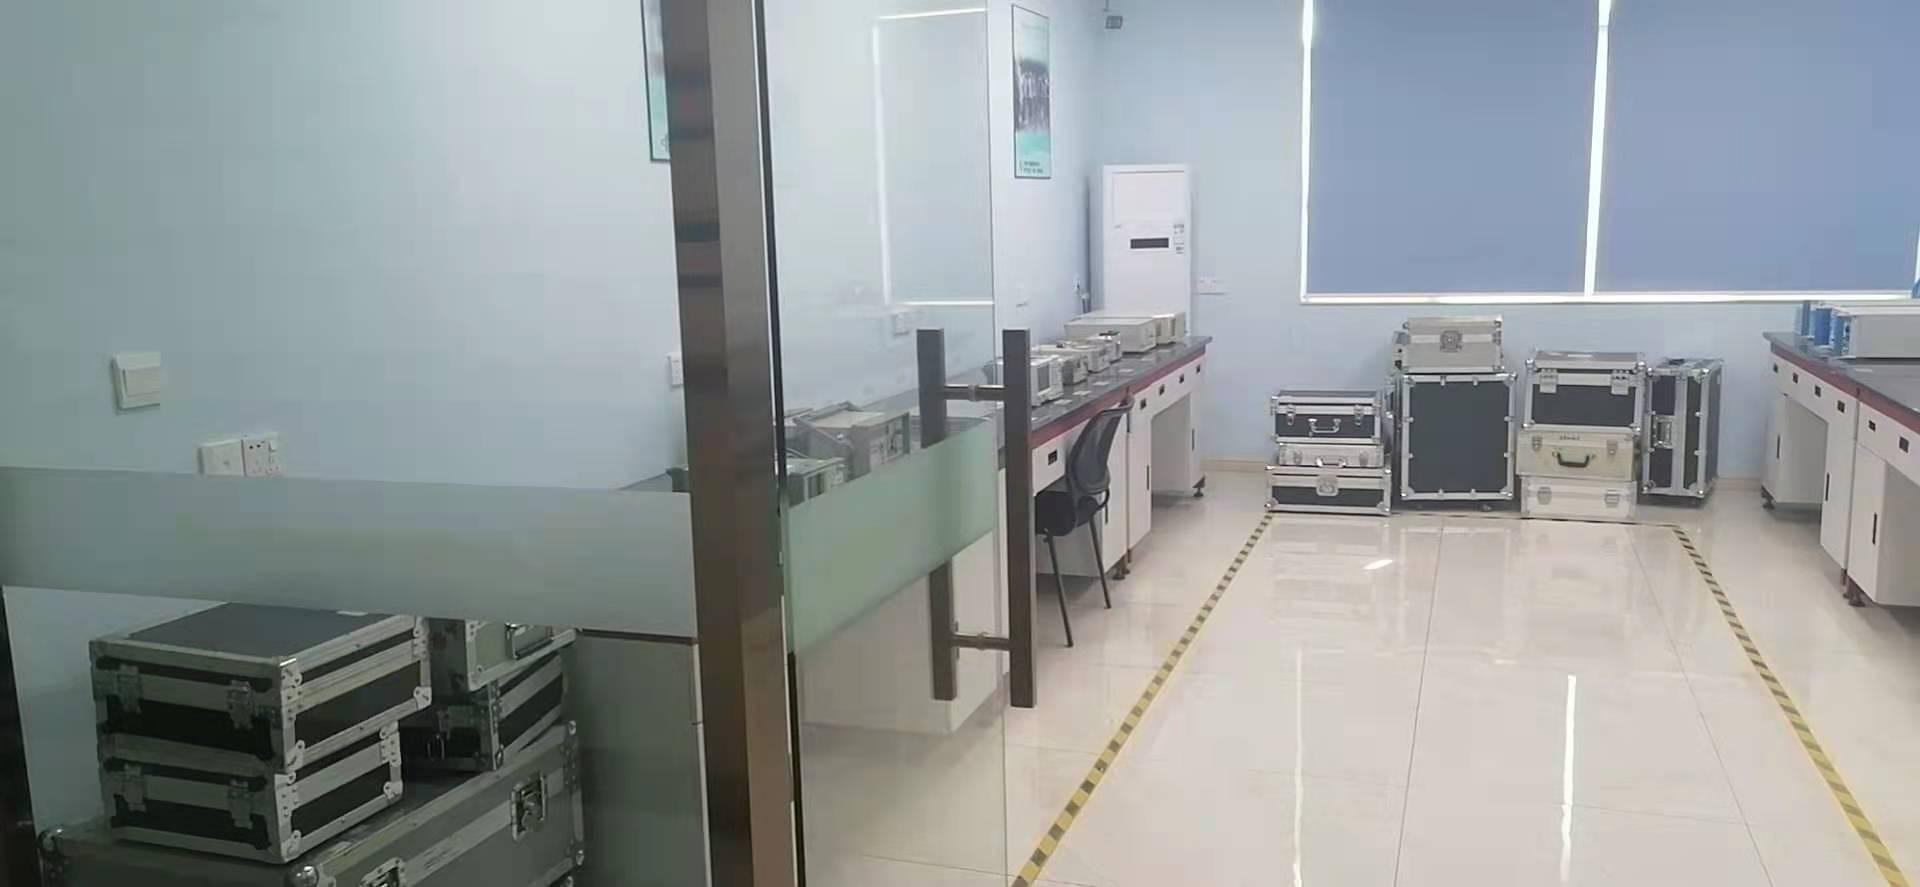 梅州市兴宁市校准公司-计量工具计量校验